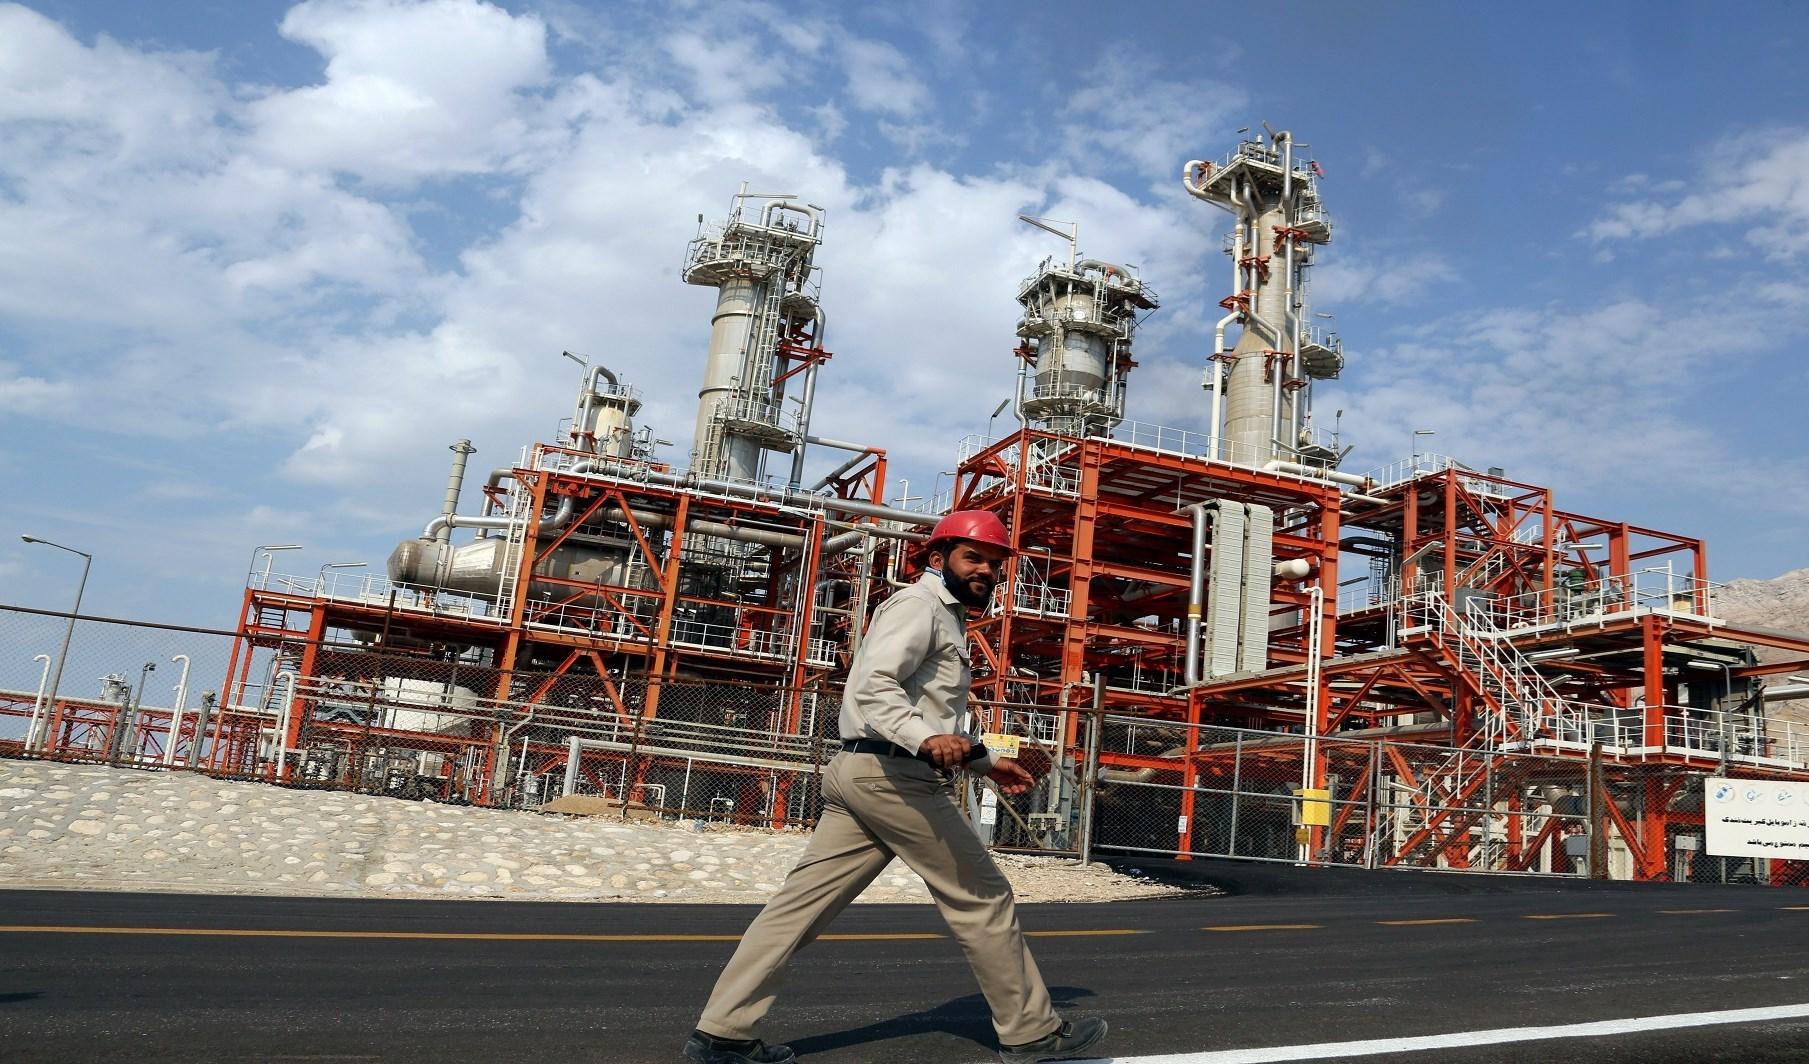 80 في المئة من محطات الكهرباء العراقية تعمل بواسطة الغاز